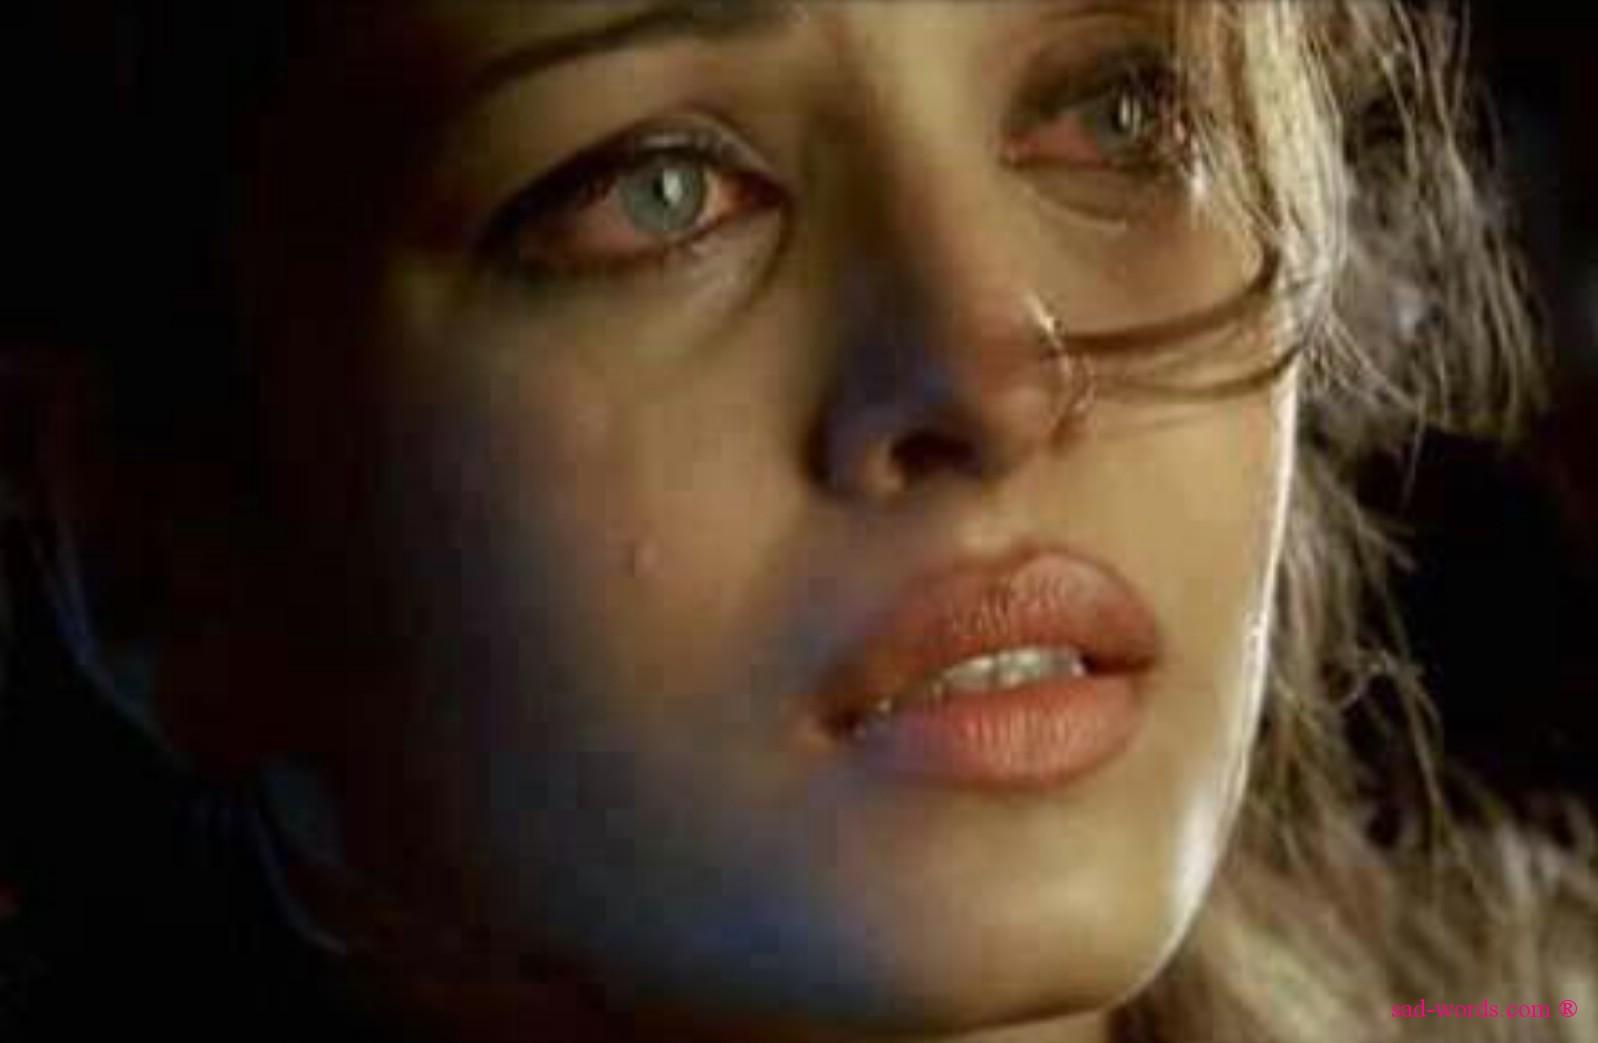 بالصور صور عيون تبكي , البكاء احدى لغات العيون 2052 13